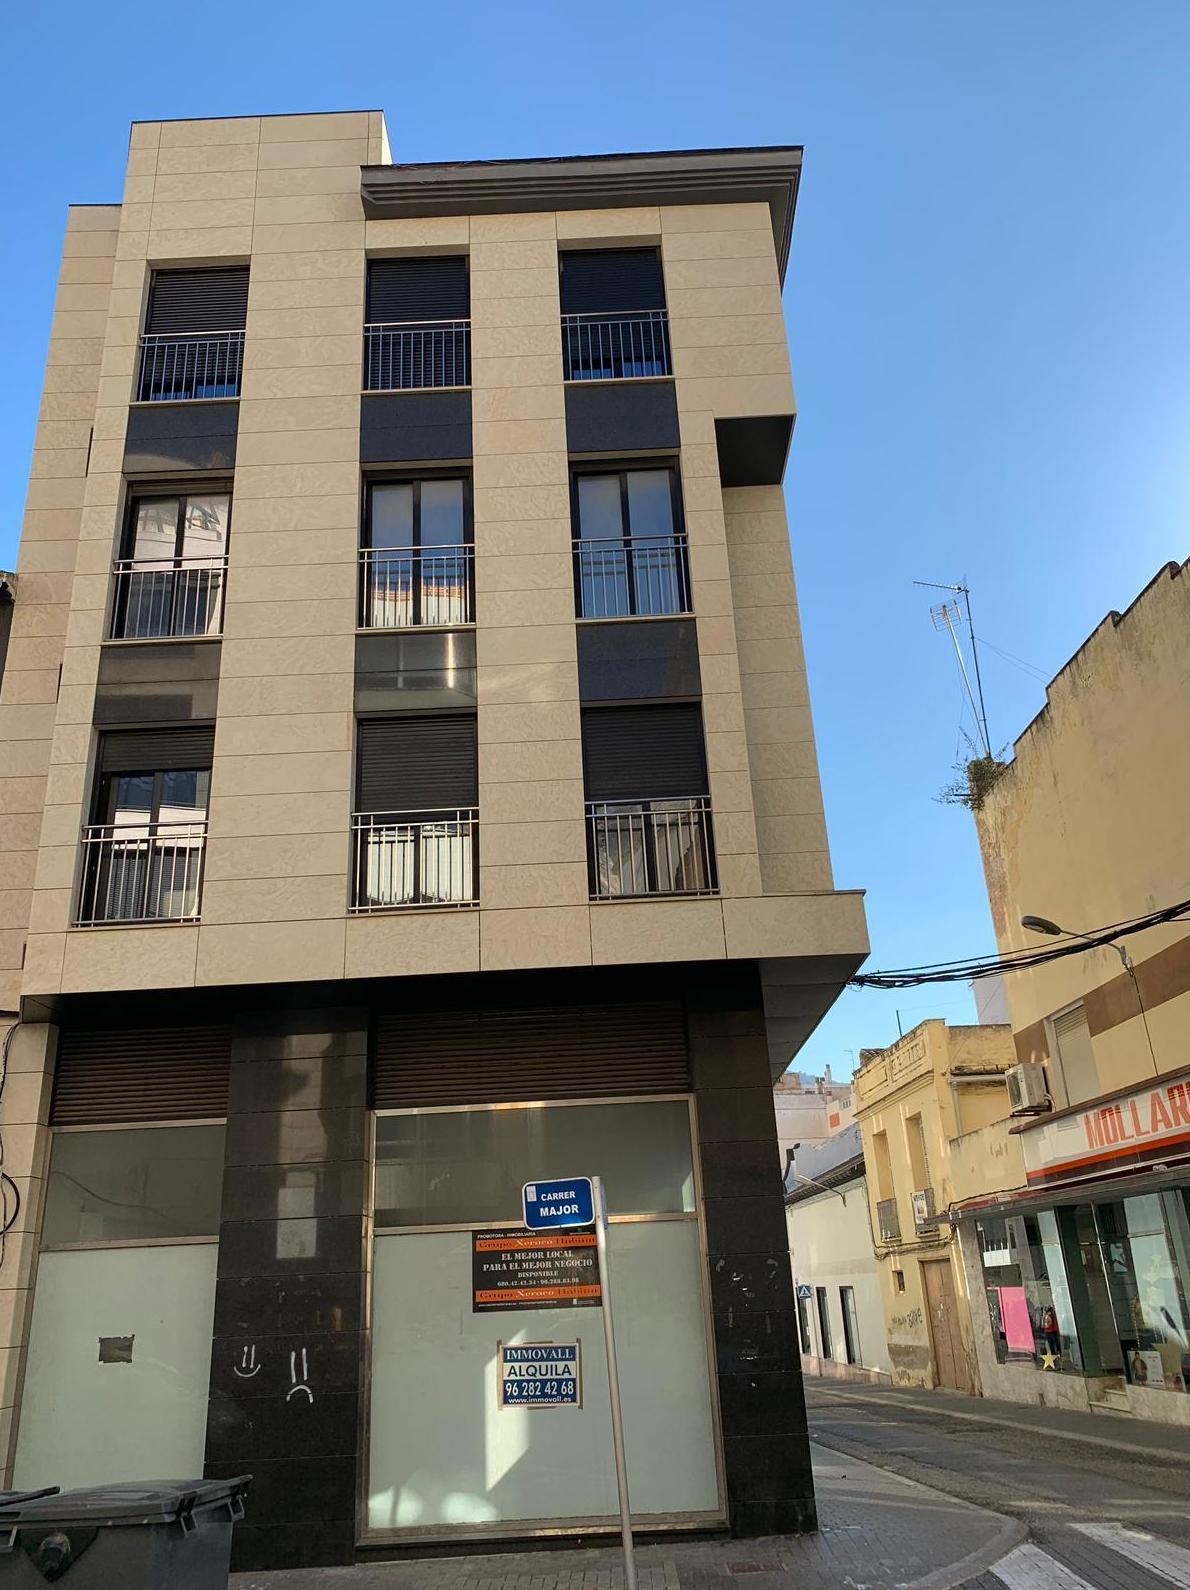 Alquiler de vivienda de lujo en el centro: Apartamentos de Grupo Xeraco Habitat